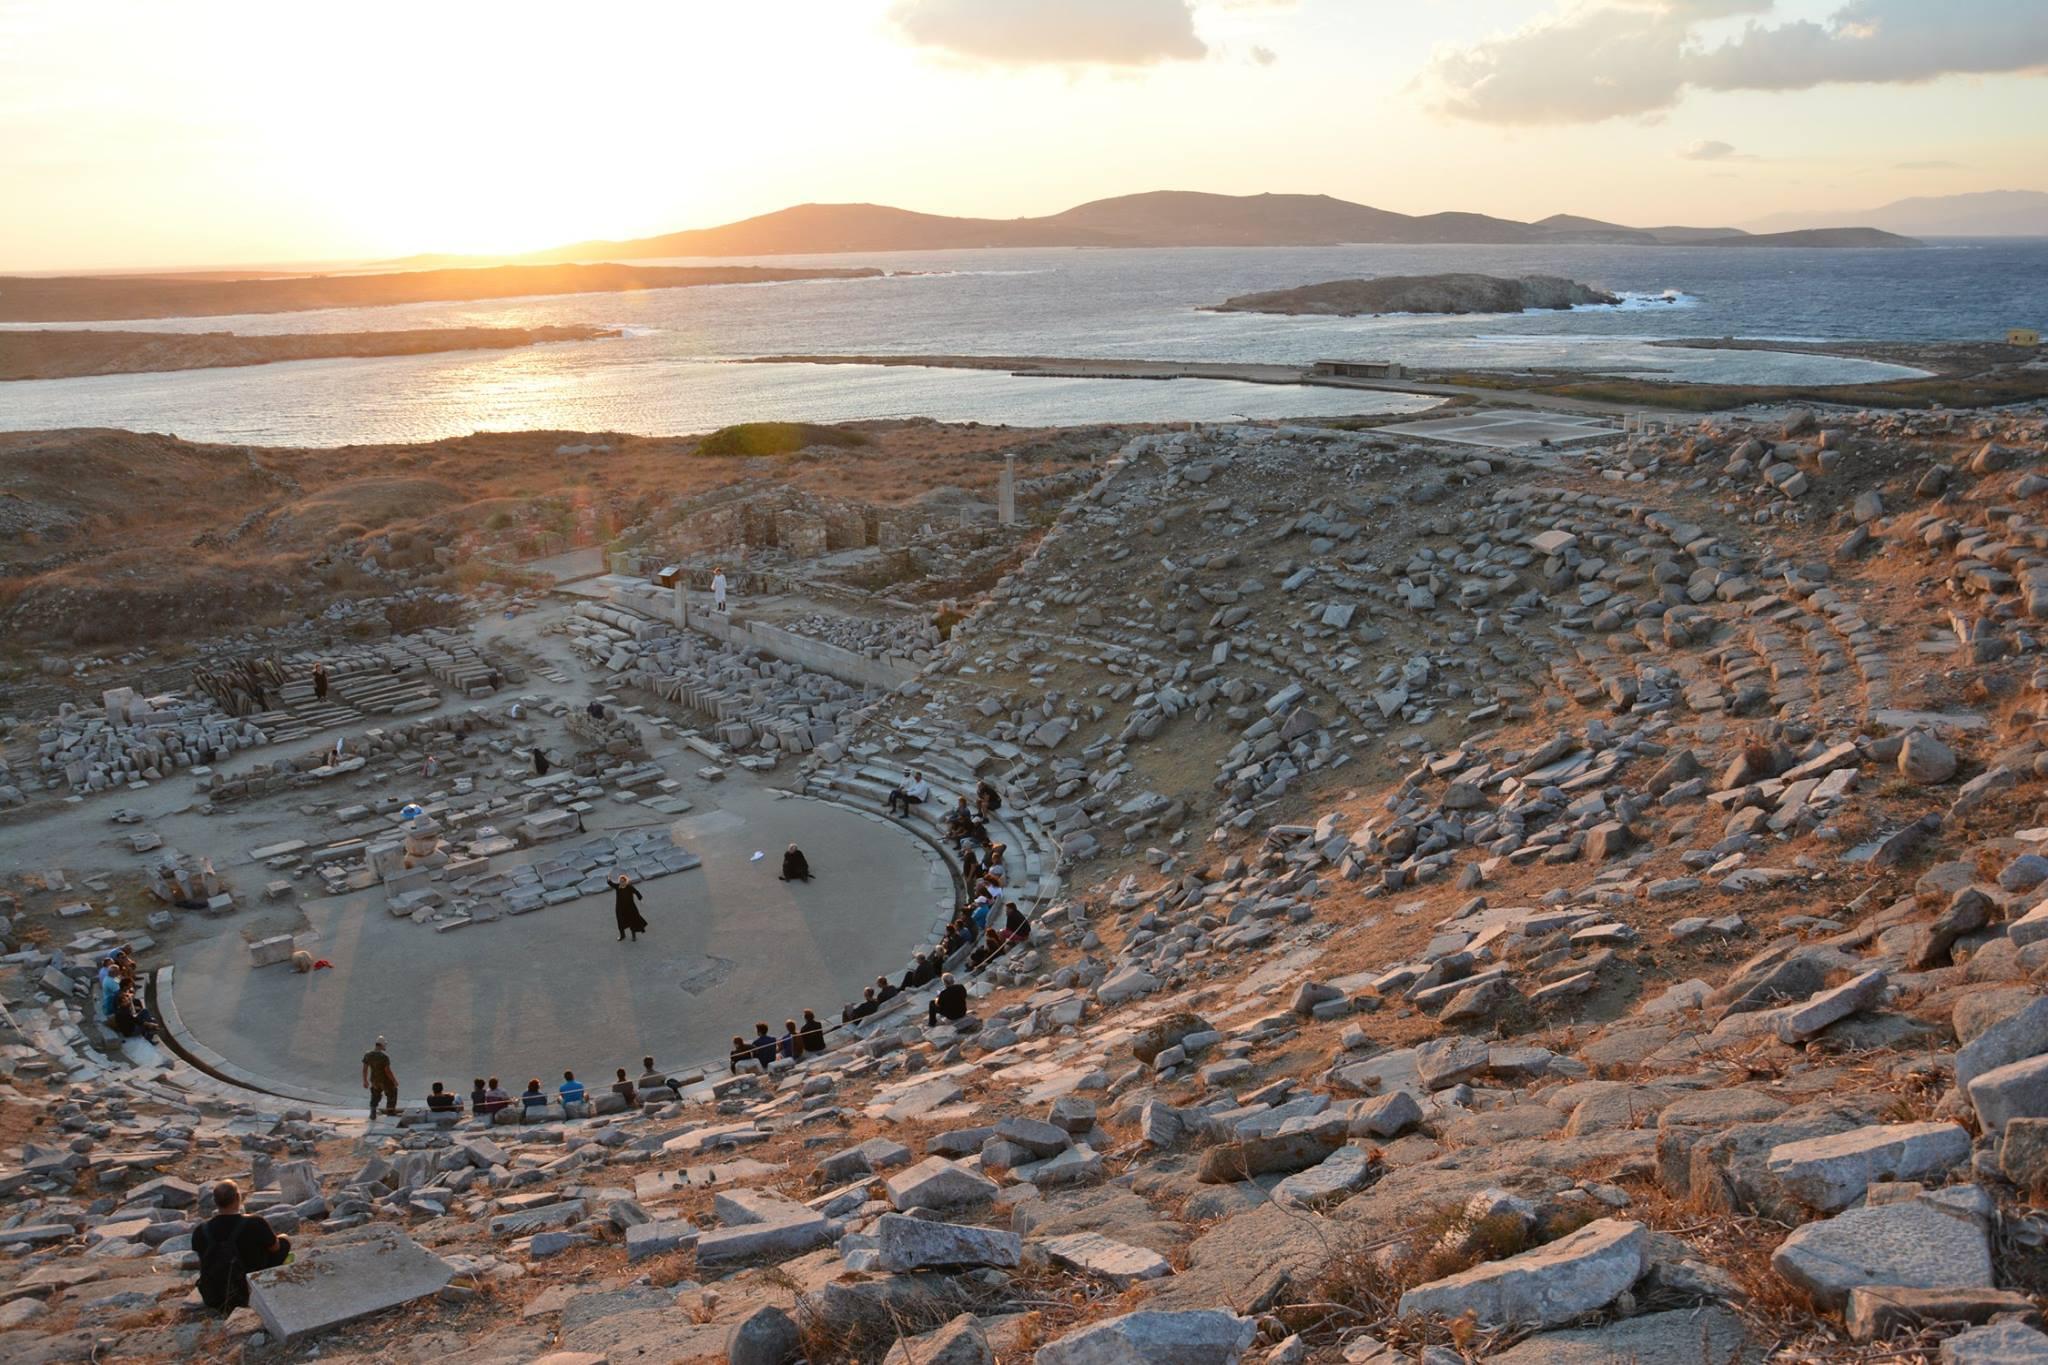 Ιστορική στιγμή και για το Αγρίνιο το άνοιγμα του αρχαίου θεάτρου της Δήλου